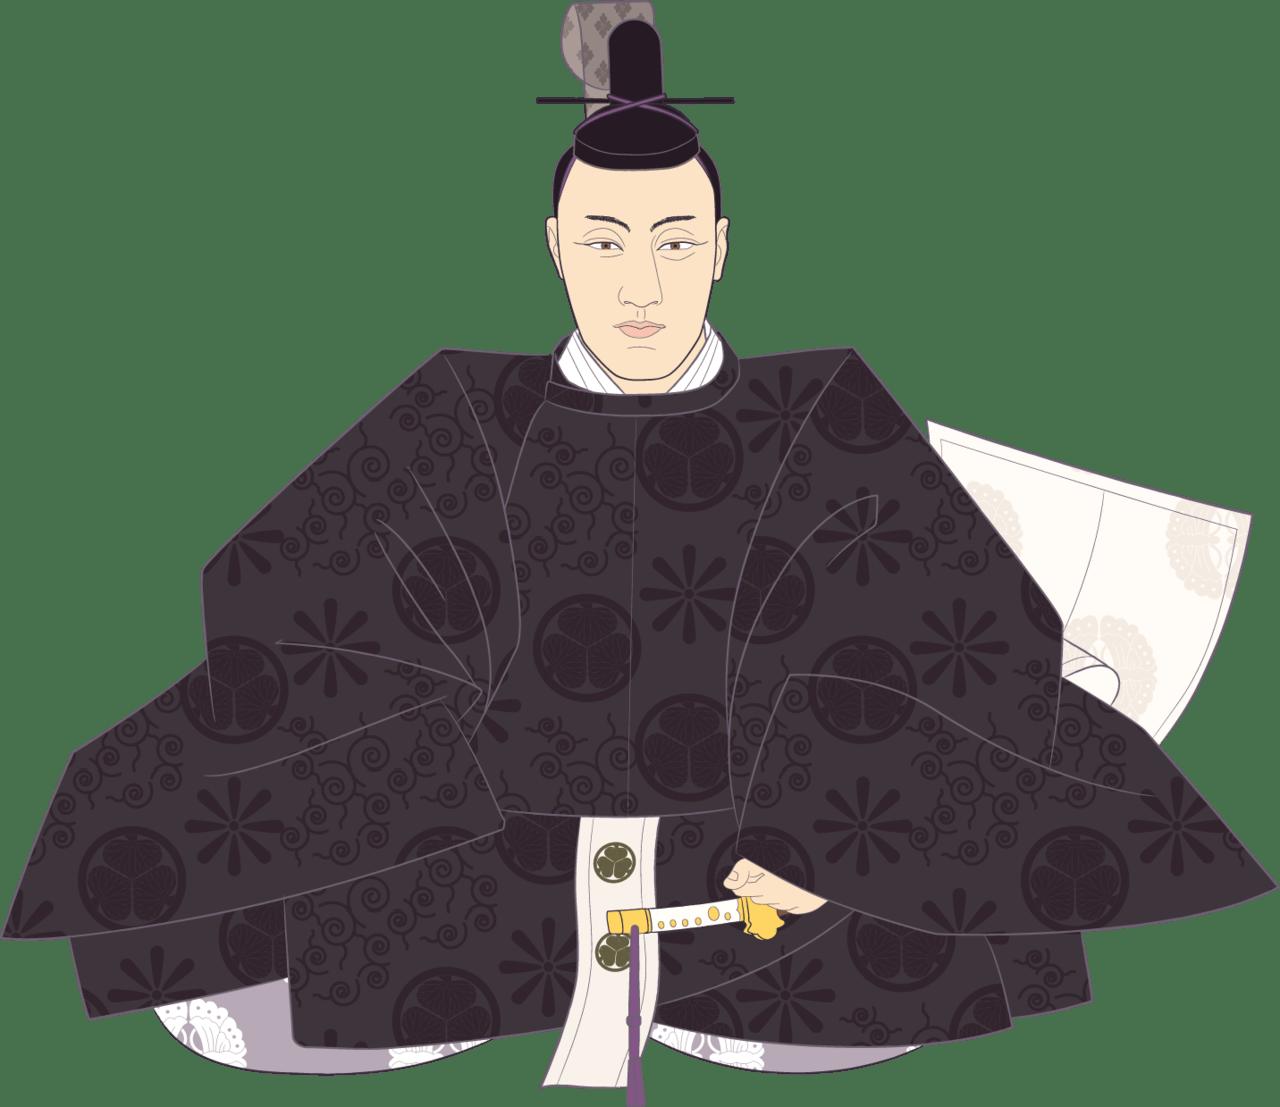 慶喜はなぜ徳川幕府に止めを刺したのか? ~ 15代将軍・徳川慶喜 ~